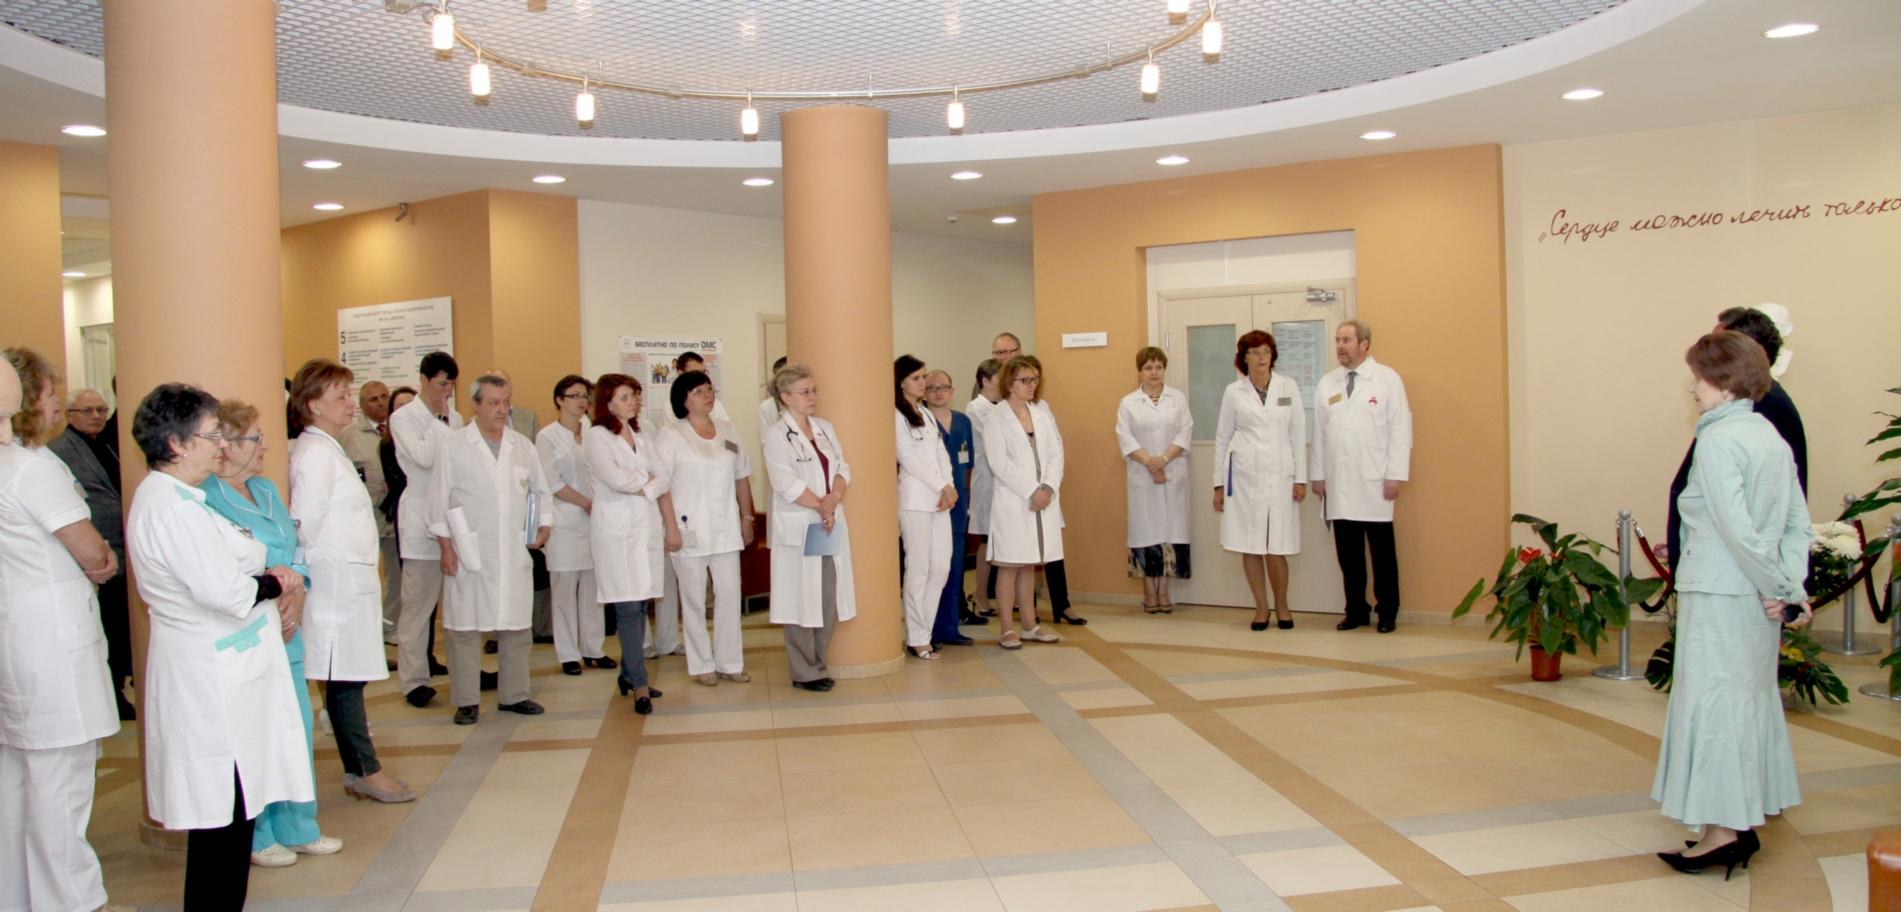 Районная больница азовского района